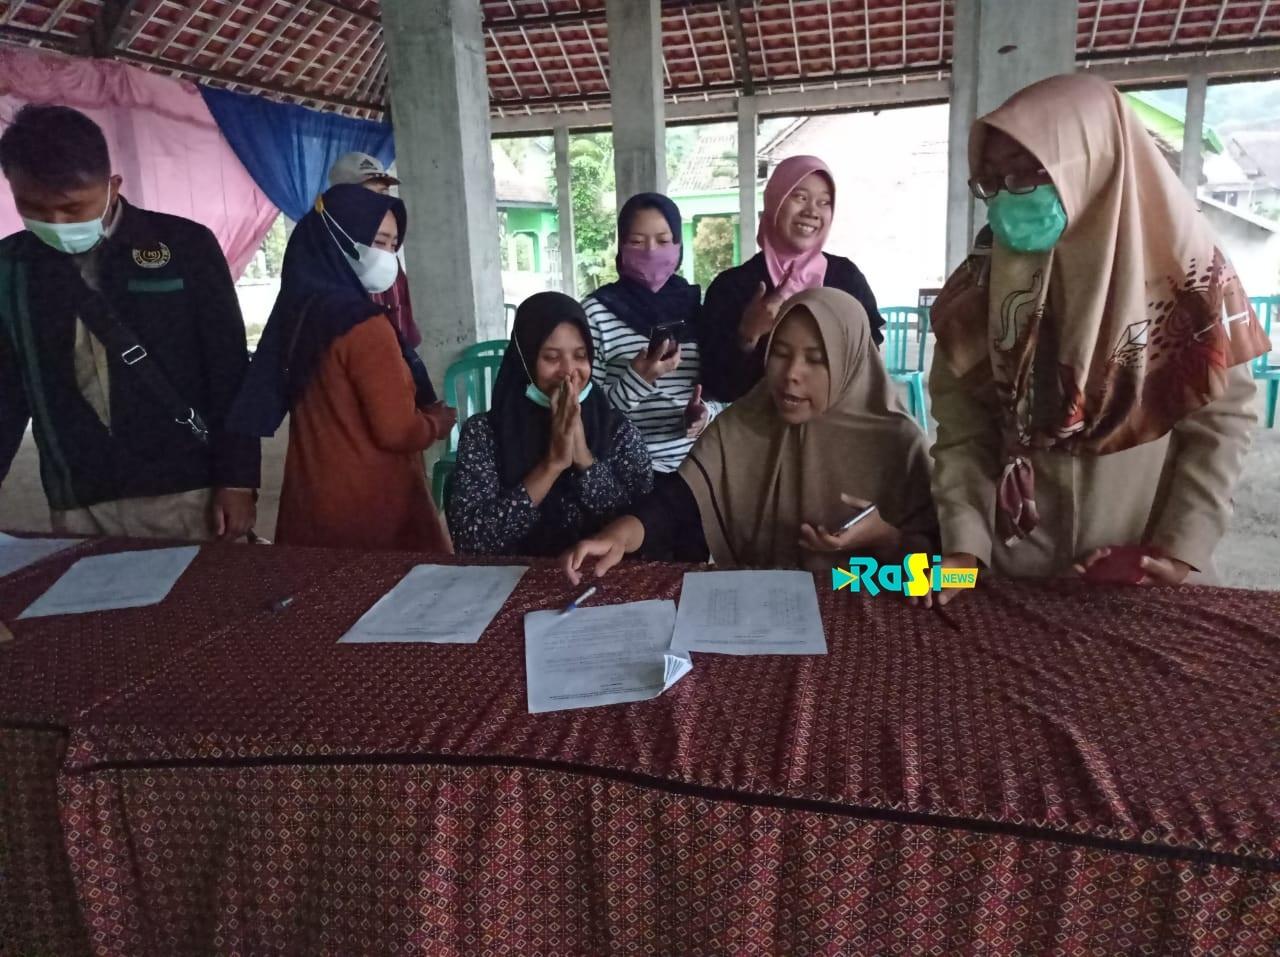 Panitia Salah Jawaban, Test Pengisian Perangkat di Desa Bedagung Diulang.